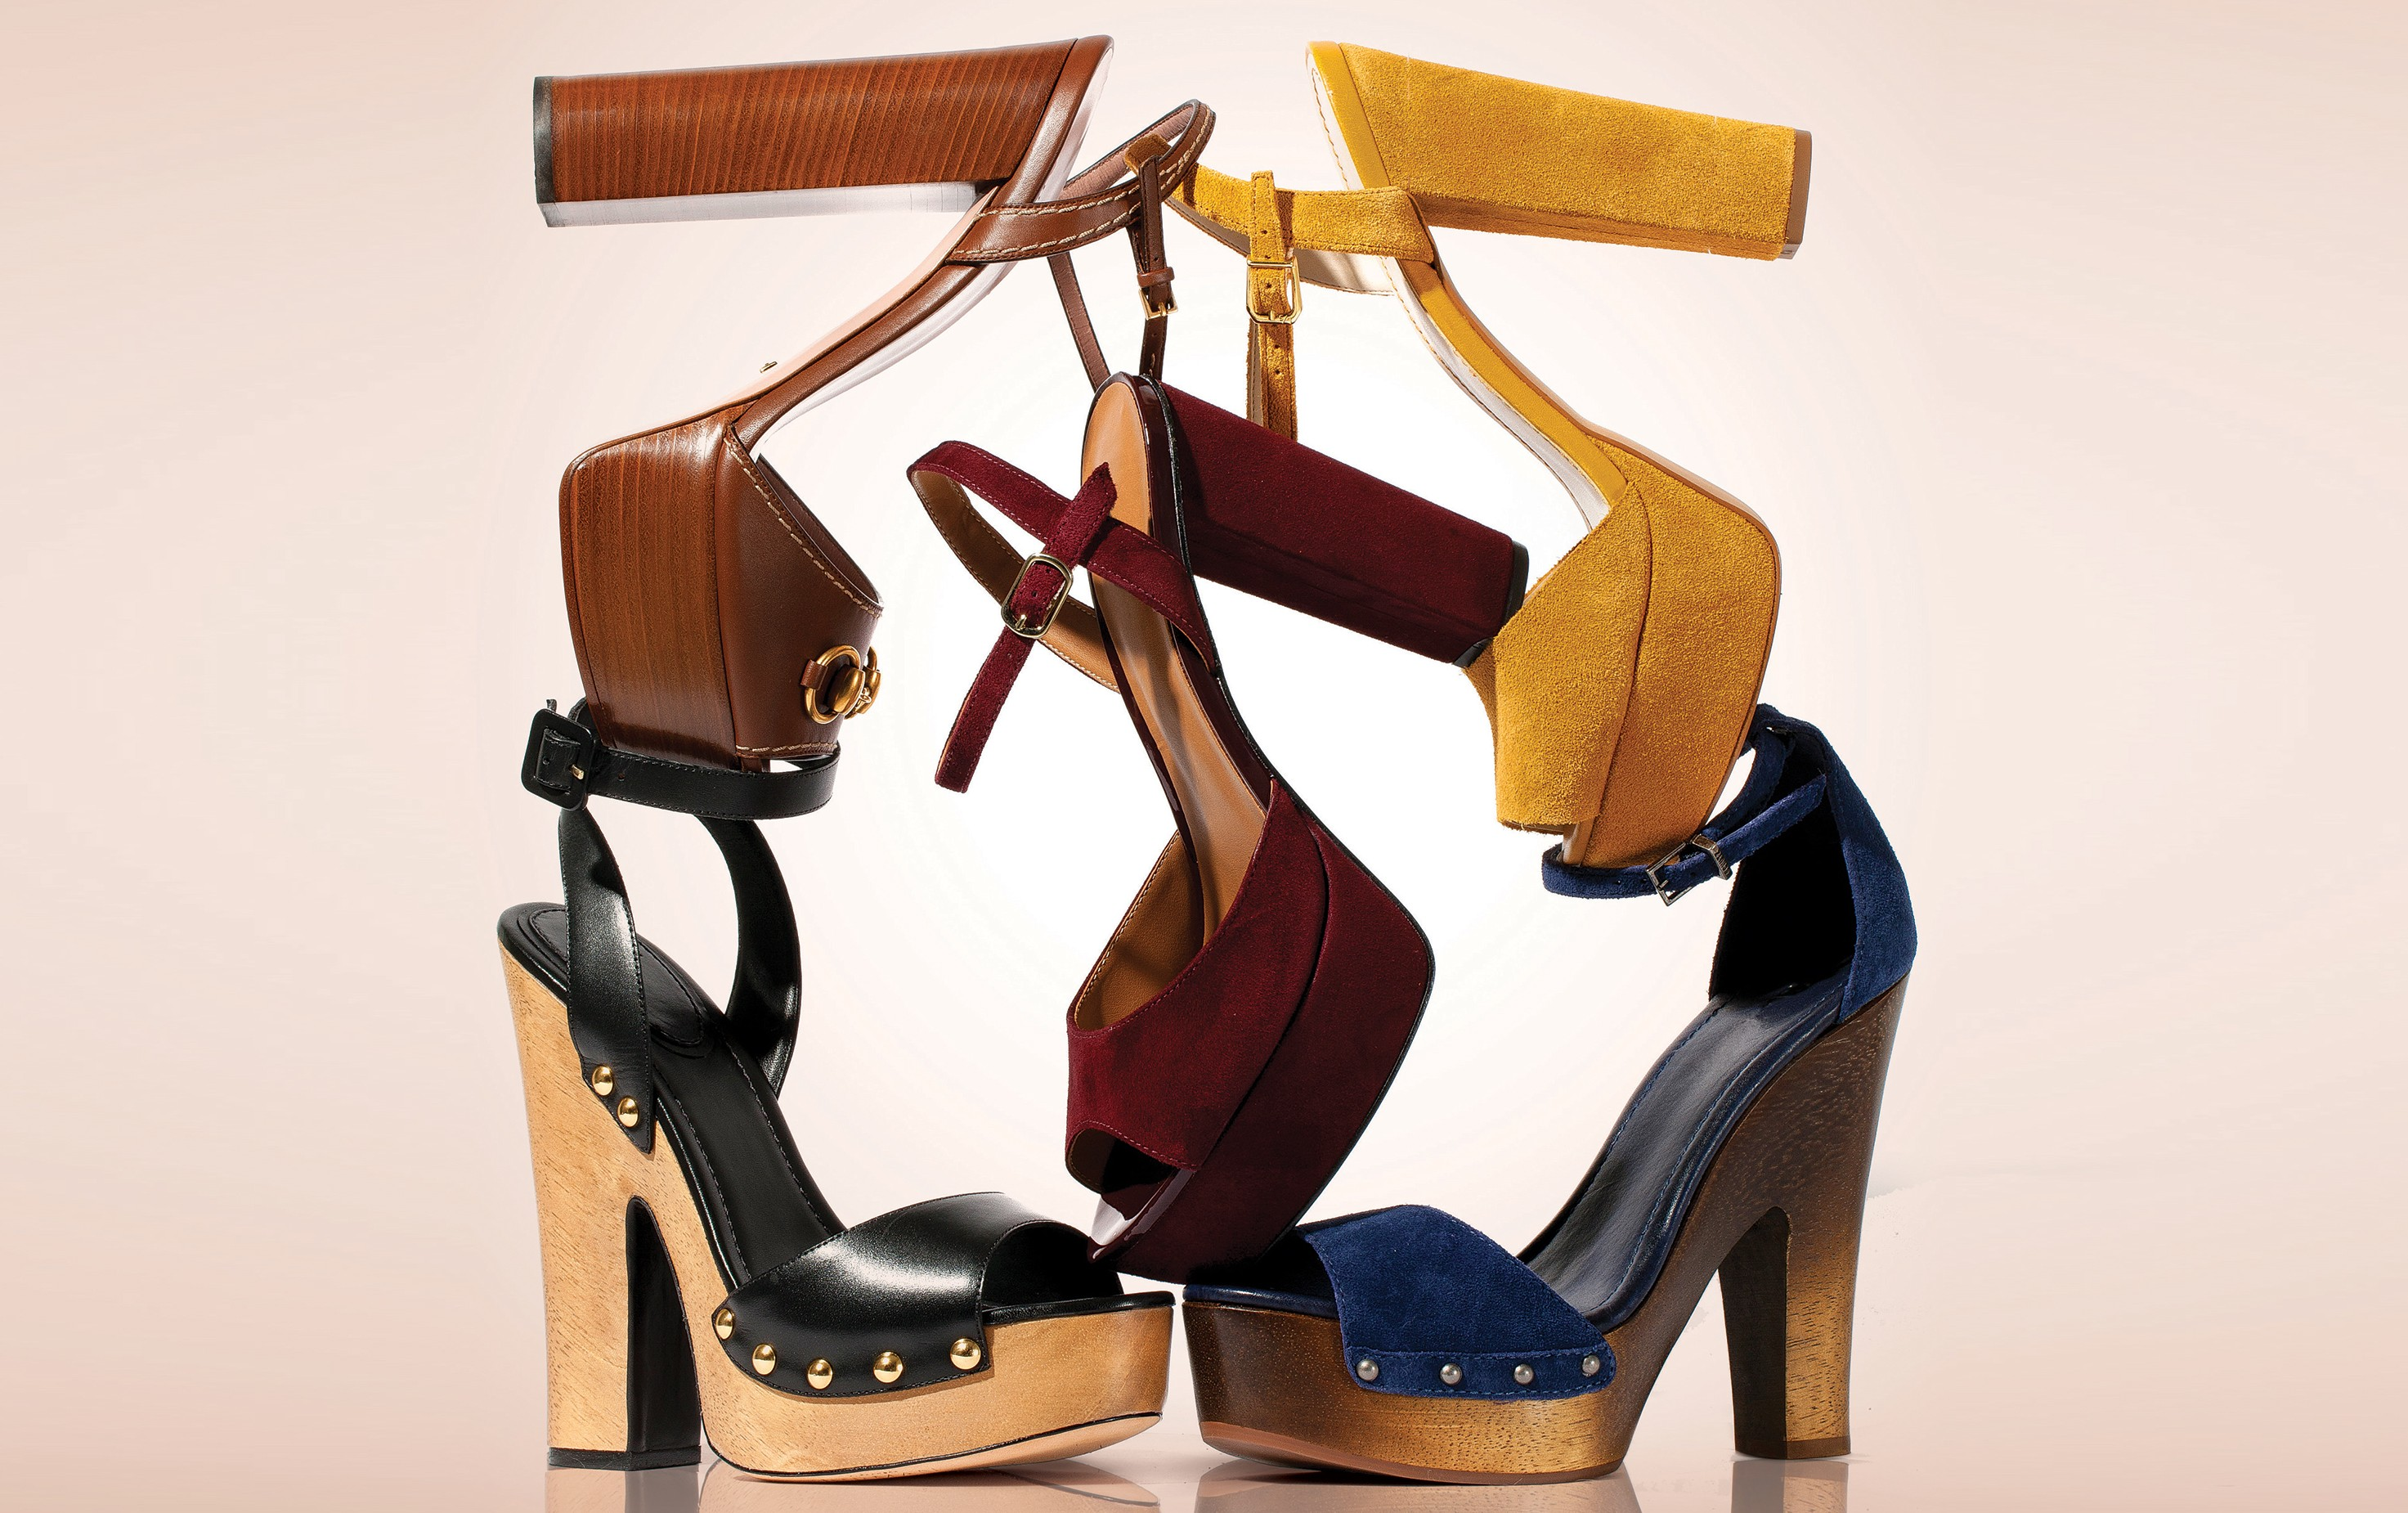 6a9a4d20c78 Plataforma 70s  as melhores sandálias para o inverno 2016 - Vogue ...